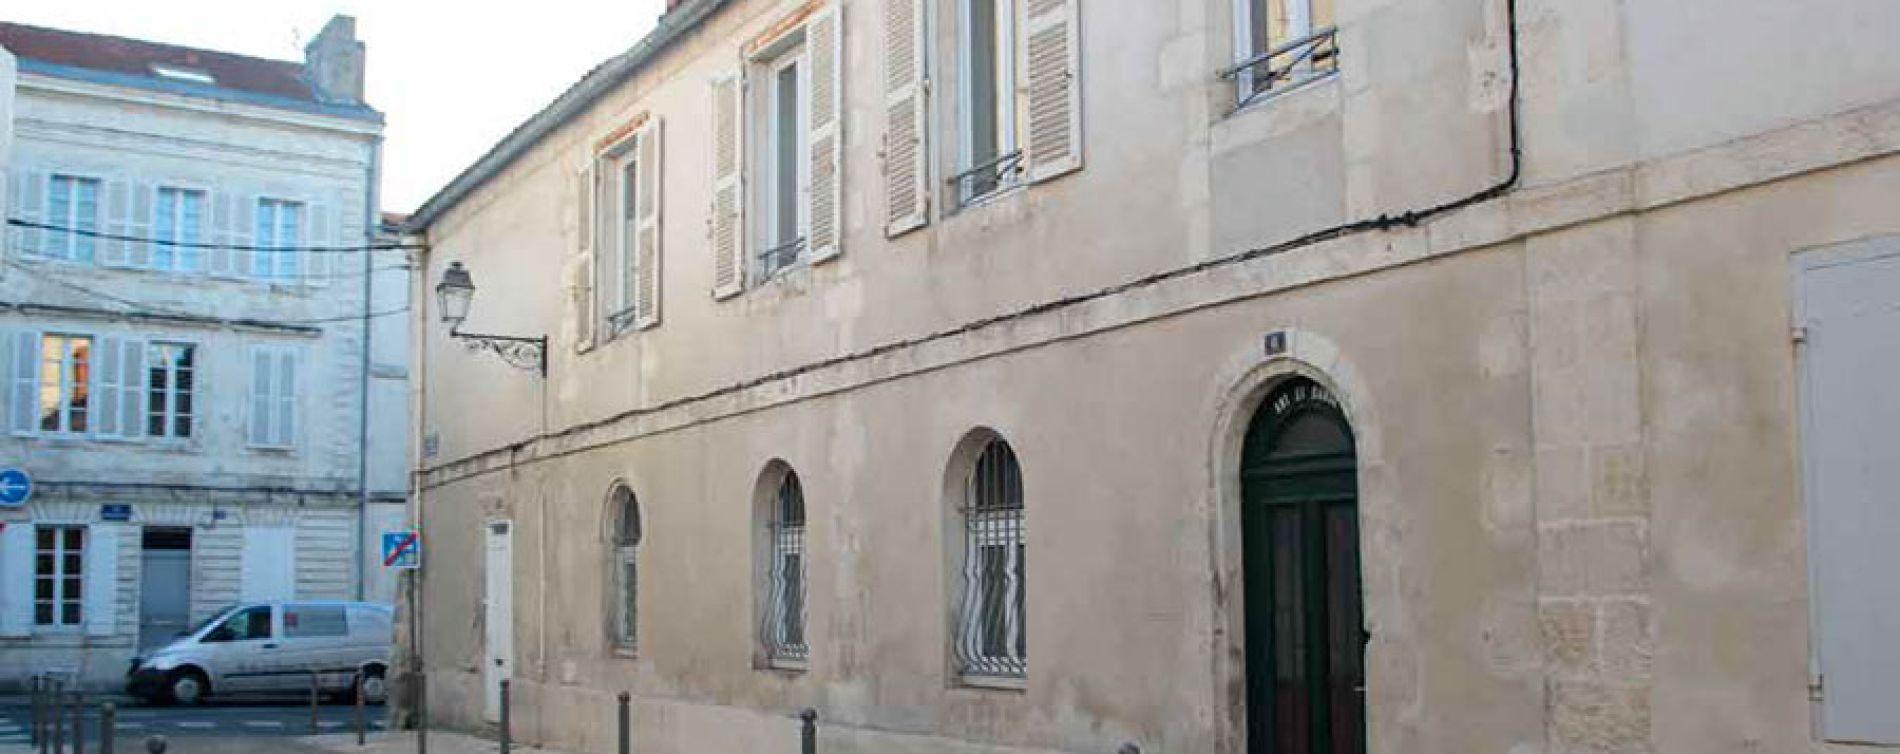 Résidence Le Comptoir aux Vivres à la Rochelle